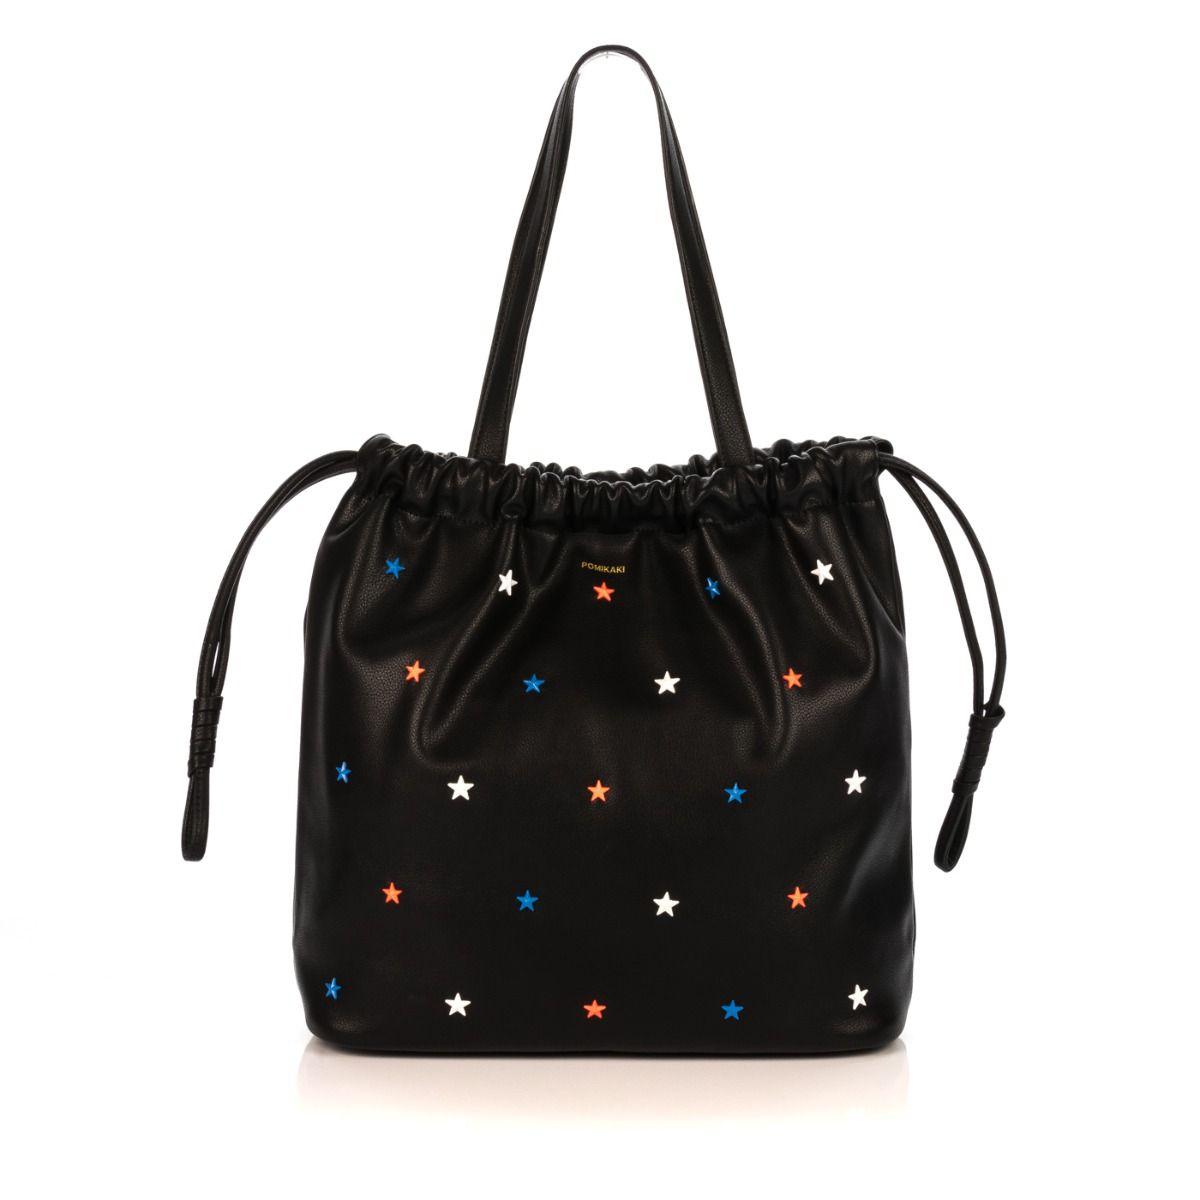 72c747f0faa9fe Shopping bag donna POMIKAKI SI02 S01 SIRIA similpelle nero con stelle   Spedizione gratuita Shop online Shoe Center